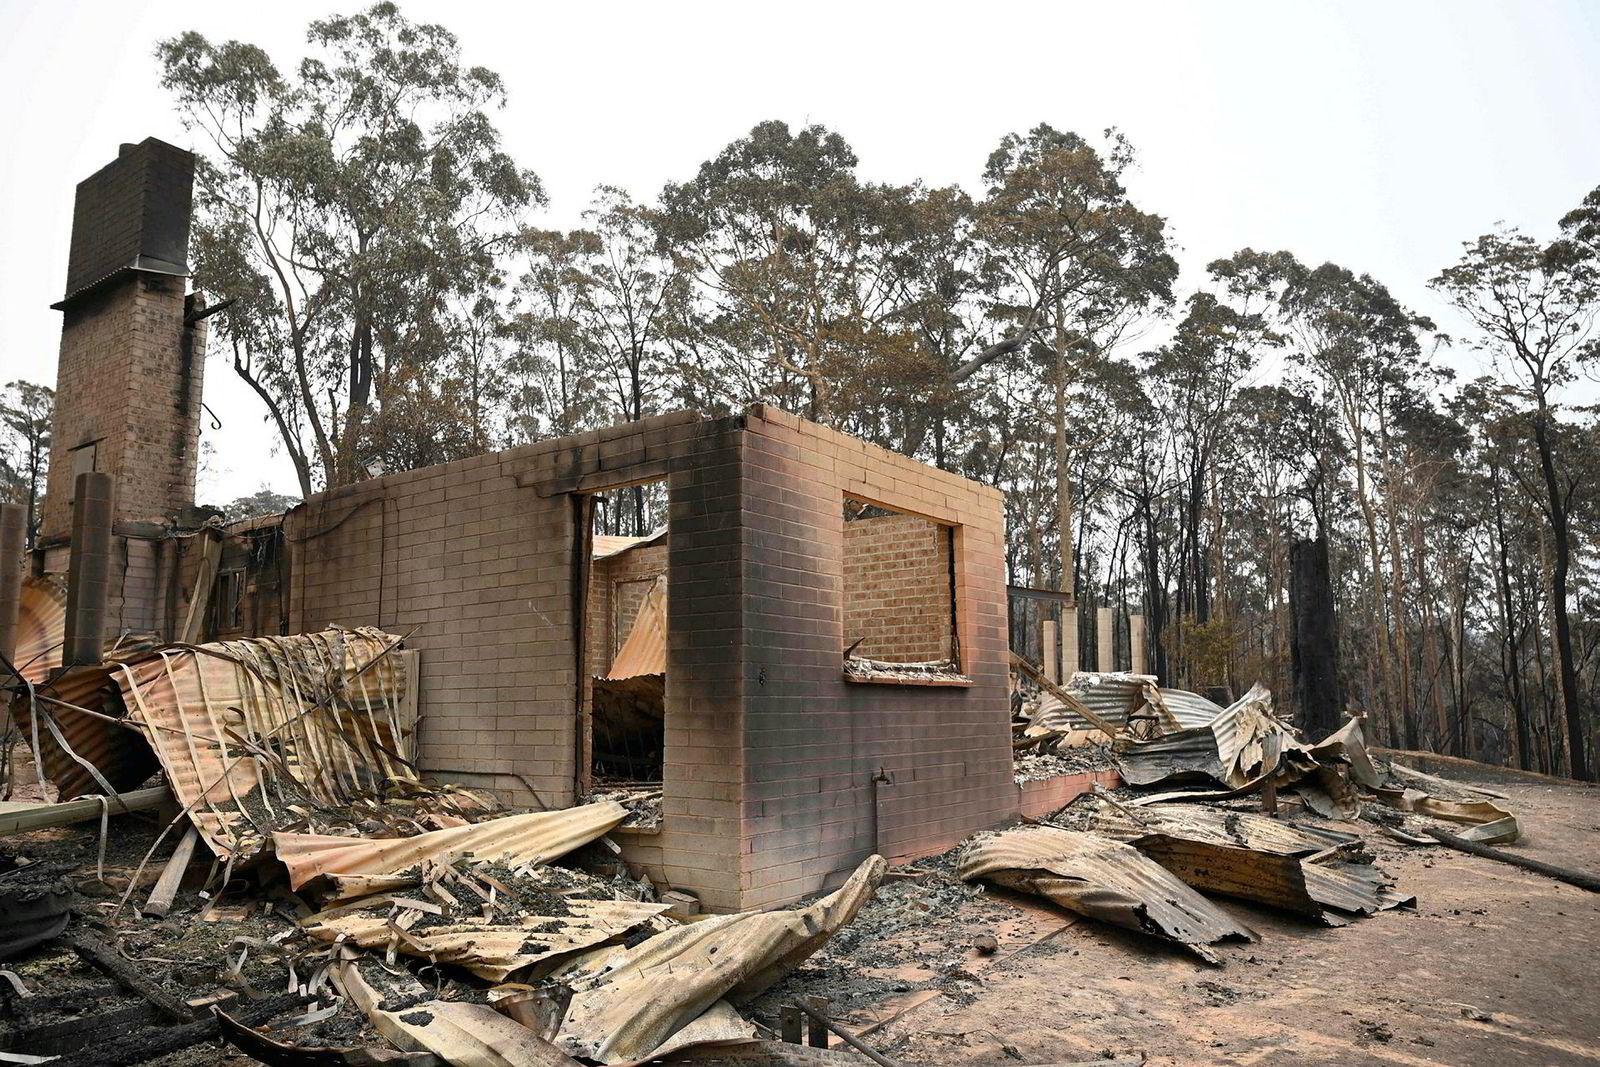 Det er ikke mye igjen etter at flammene har herjet. Flere evakuerte innbyggere finner sine hjem i ruiner når de kommer tilbake.